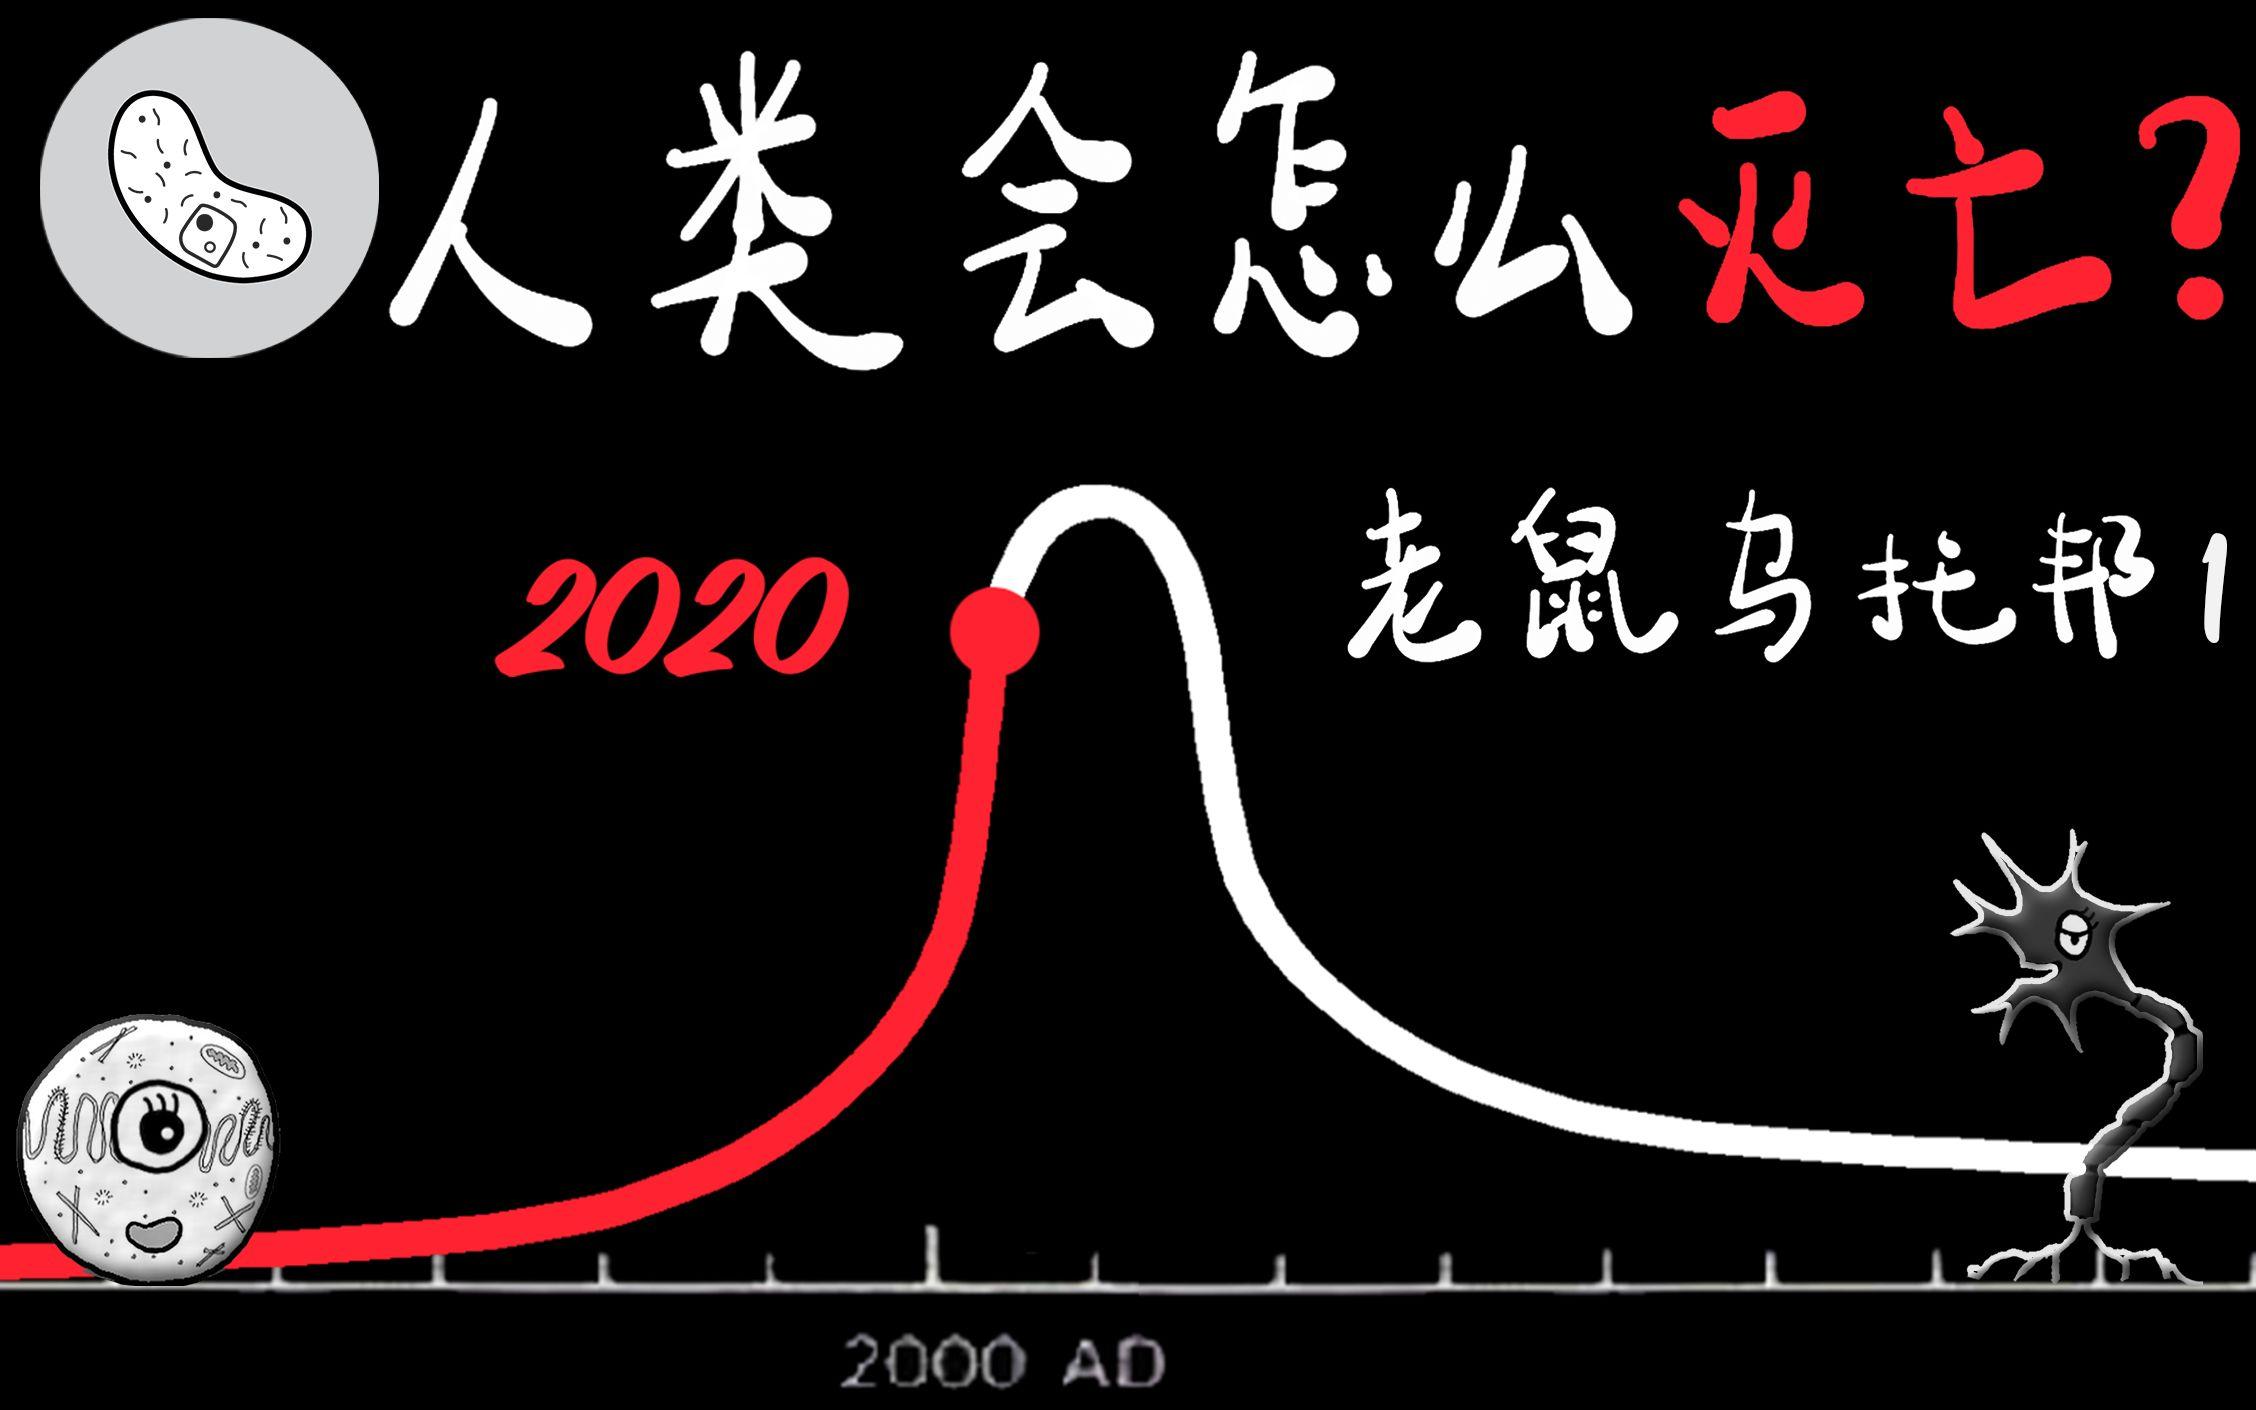 【人类注定要灭亡? 】老鼠乌托邦预示了什么? 25号宇宙实验编年史! 预测人类的未来走势? 高密度带来的社会问题!